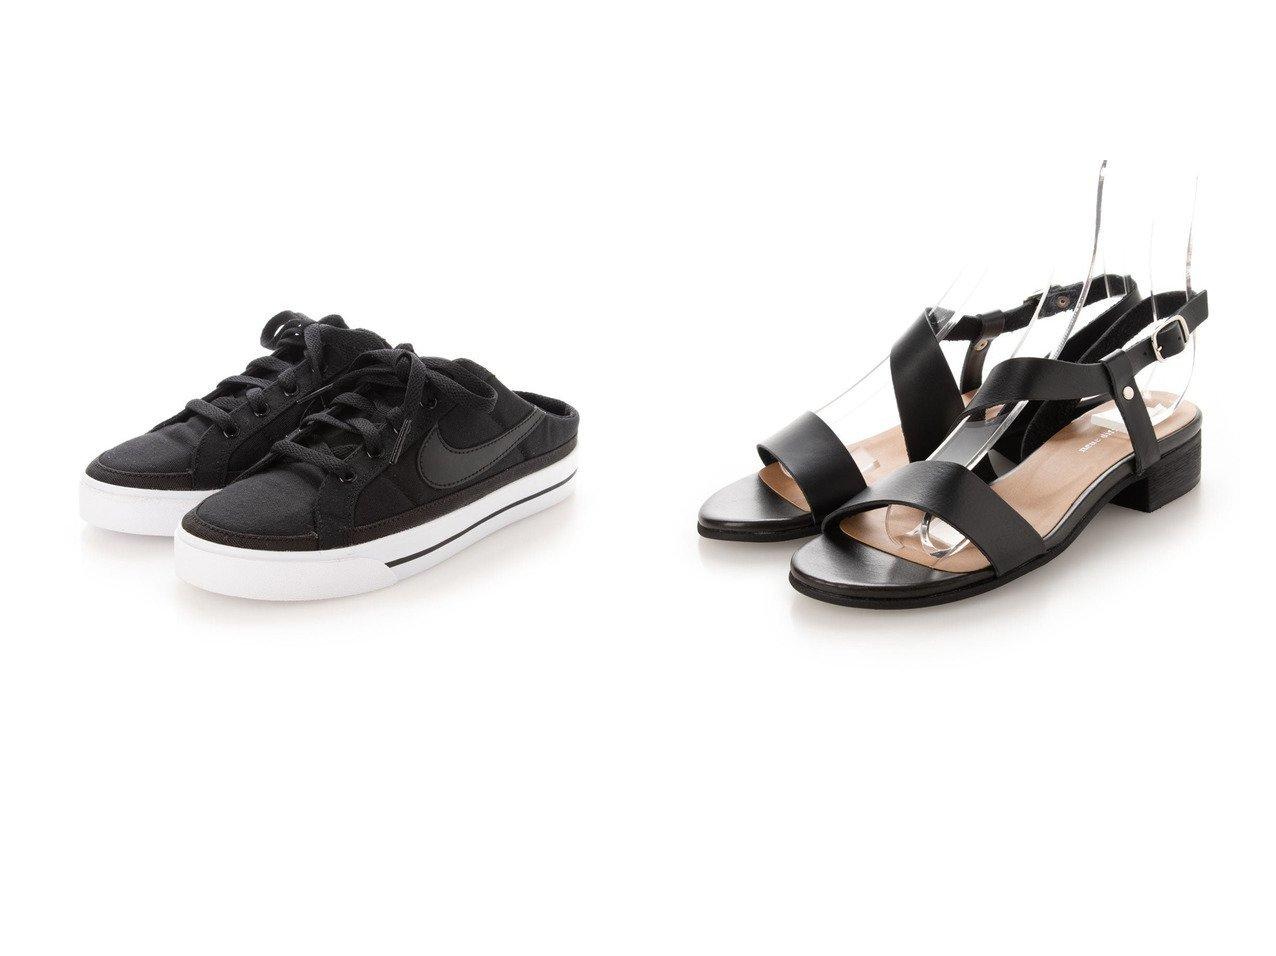 【neue diffusion/ノイエ ディフュージョン】のサンダル/3348&【NIKE/ナイキ】のW コート レガシー ミュール 970001 【シューズ・靴】おすすめ!人気、トレンド・レディースファッションの通販 おすすめで人気の流行・トレンド、ファッションの通販商品 インテリア・家具・メンズファッション・キッズファッション・レディースファッション・服の通販 founy(ファニー) https://founy.com/ ファッション Fashion レディースファッション WOMEN アウター Coat Outerwear コート Coats サンダル シンプル スニーカー ミュール 定番 Standard 2021年 2021 2021春夏・S/S SS/Spring/Summer/2021 S/S・春夏 SS・Spring/Summer ラップ 夏 Summer 春 Spring |ID:crp329100000049729